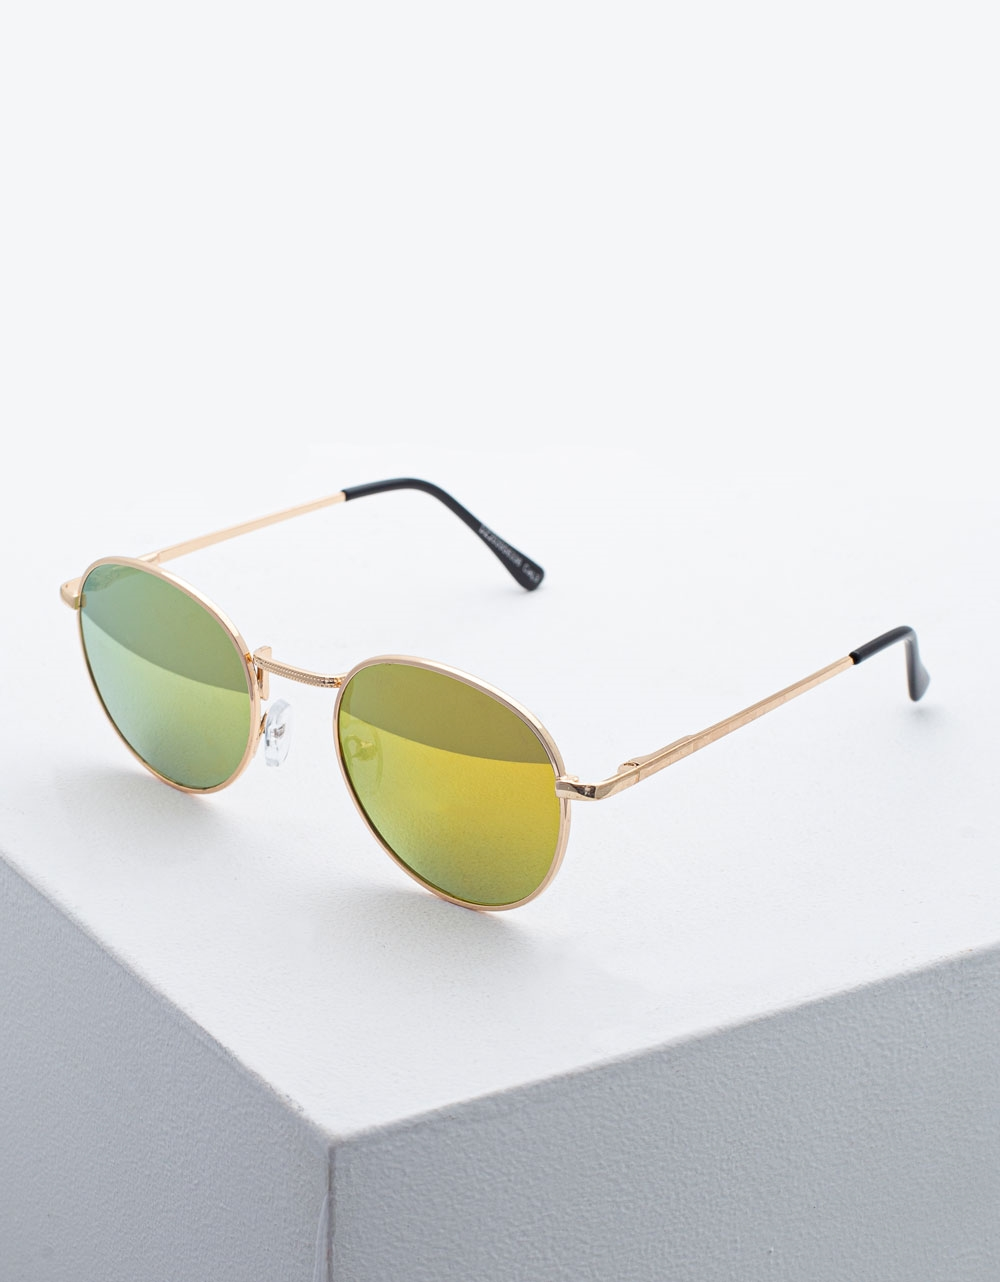 Εικόνα από Γυναικεία γυαλιά ηλίου με χρωματιστούς φακούς Πράσινο